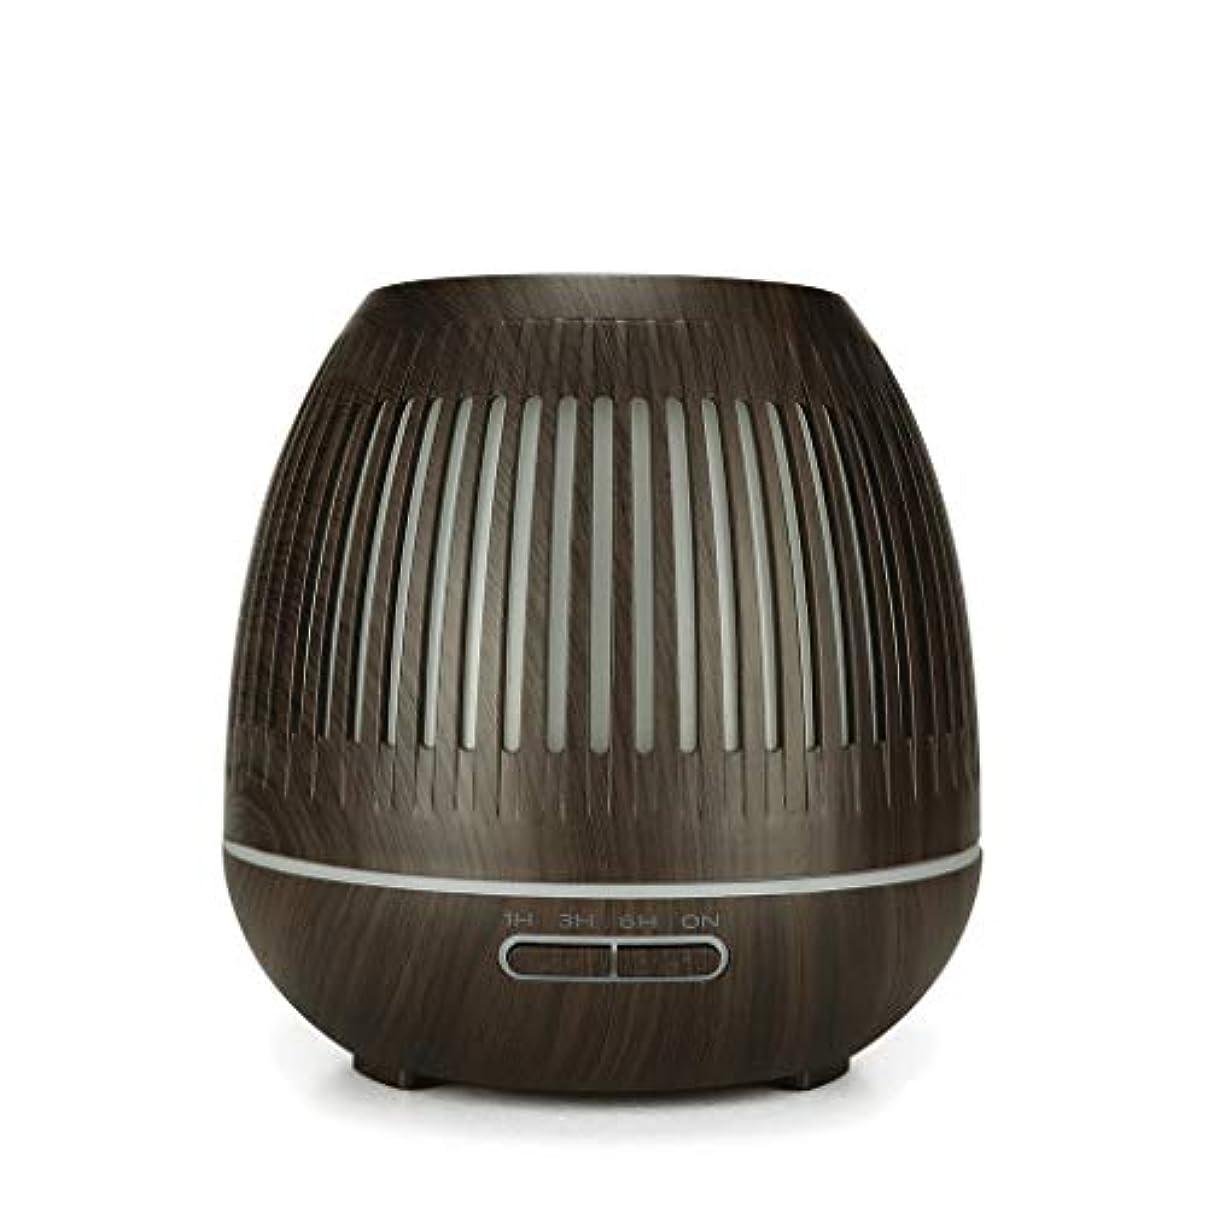 データ心臓そばに400ミリリットル超音波クールミスト加湿器付きカラーledライト用ホームヨガオフィススパ寝室ベビールーム - ウッドグレインディフューザー (Color : Dark wood grain)